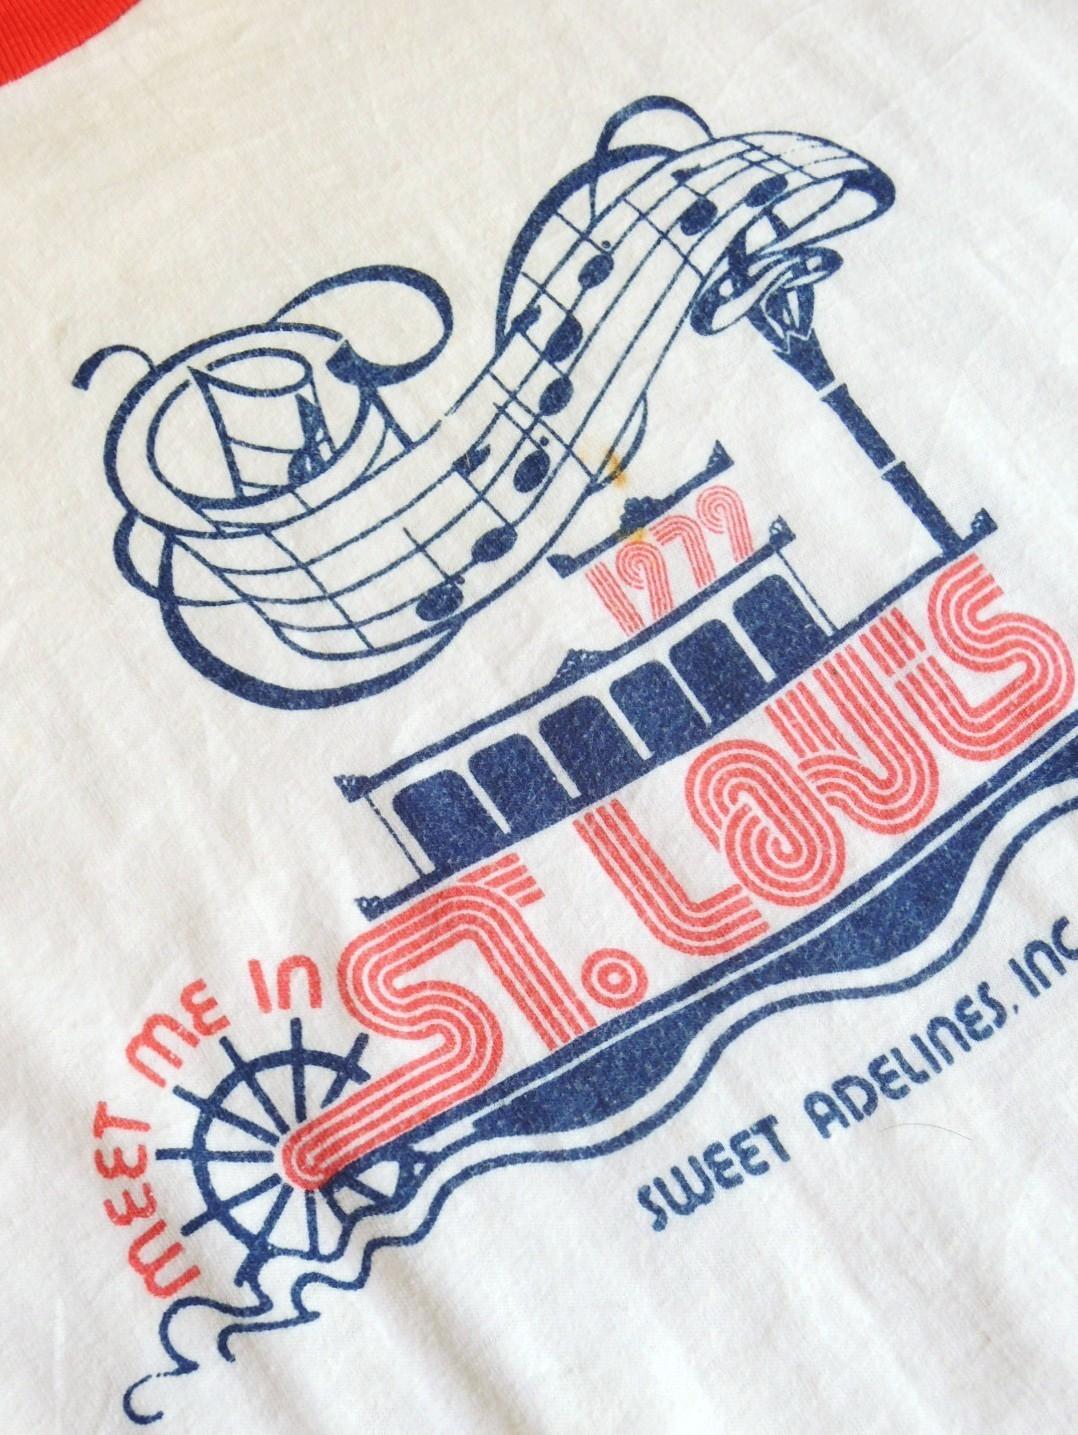 stlouistshirts02.JPG